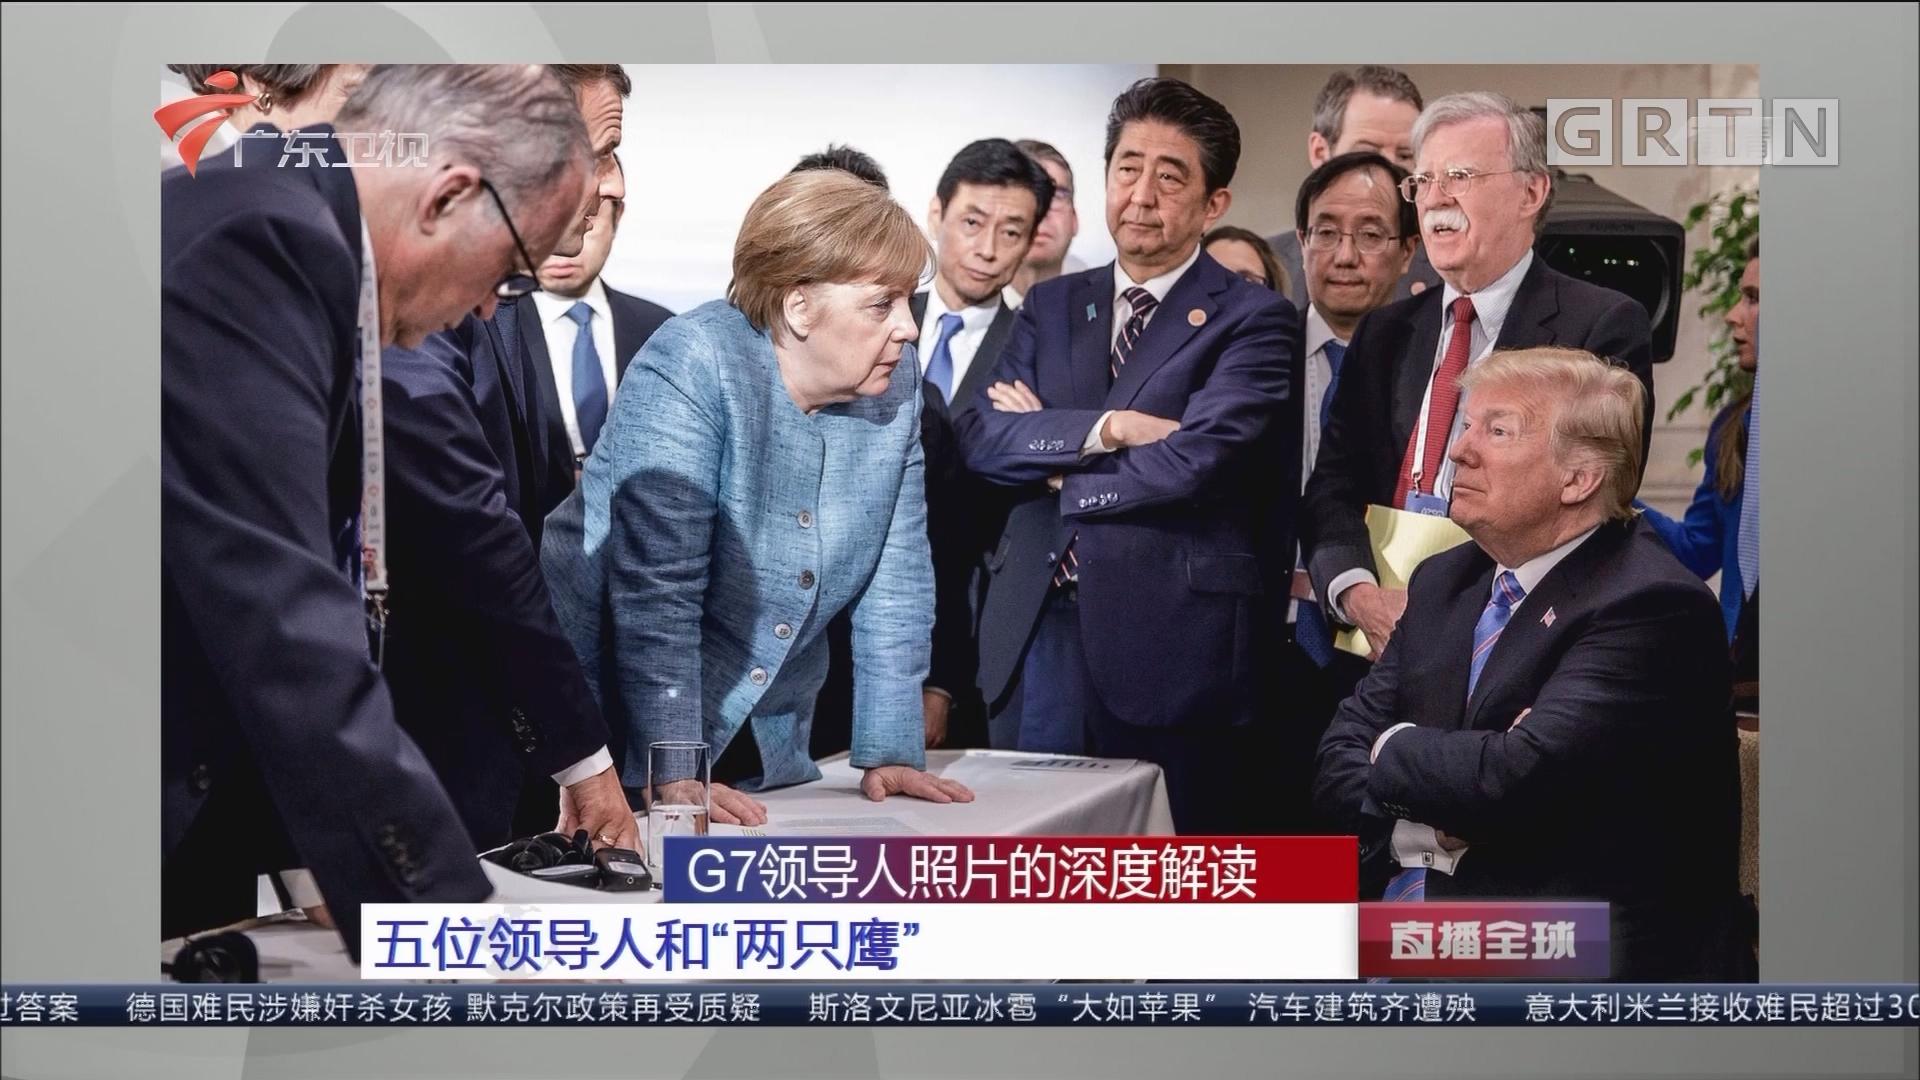 """G7领导人照片的深度解读:五位领导人和""""两只鹰"""""""